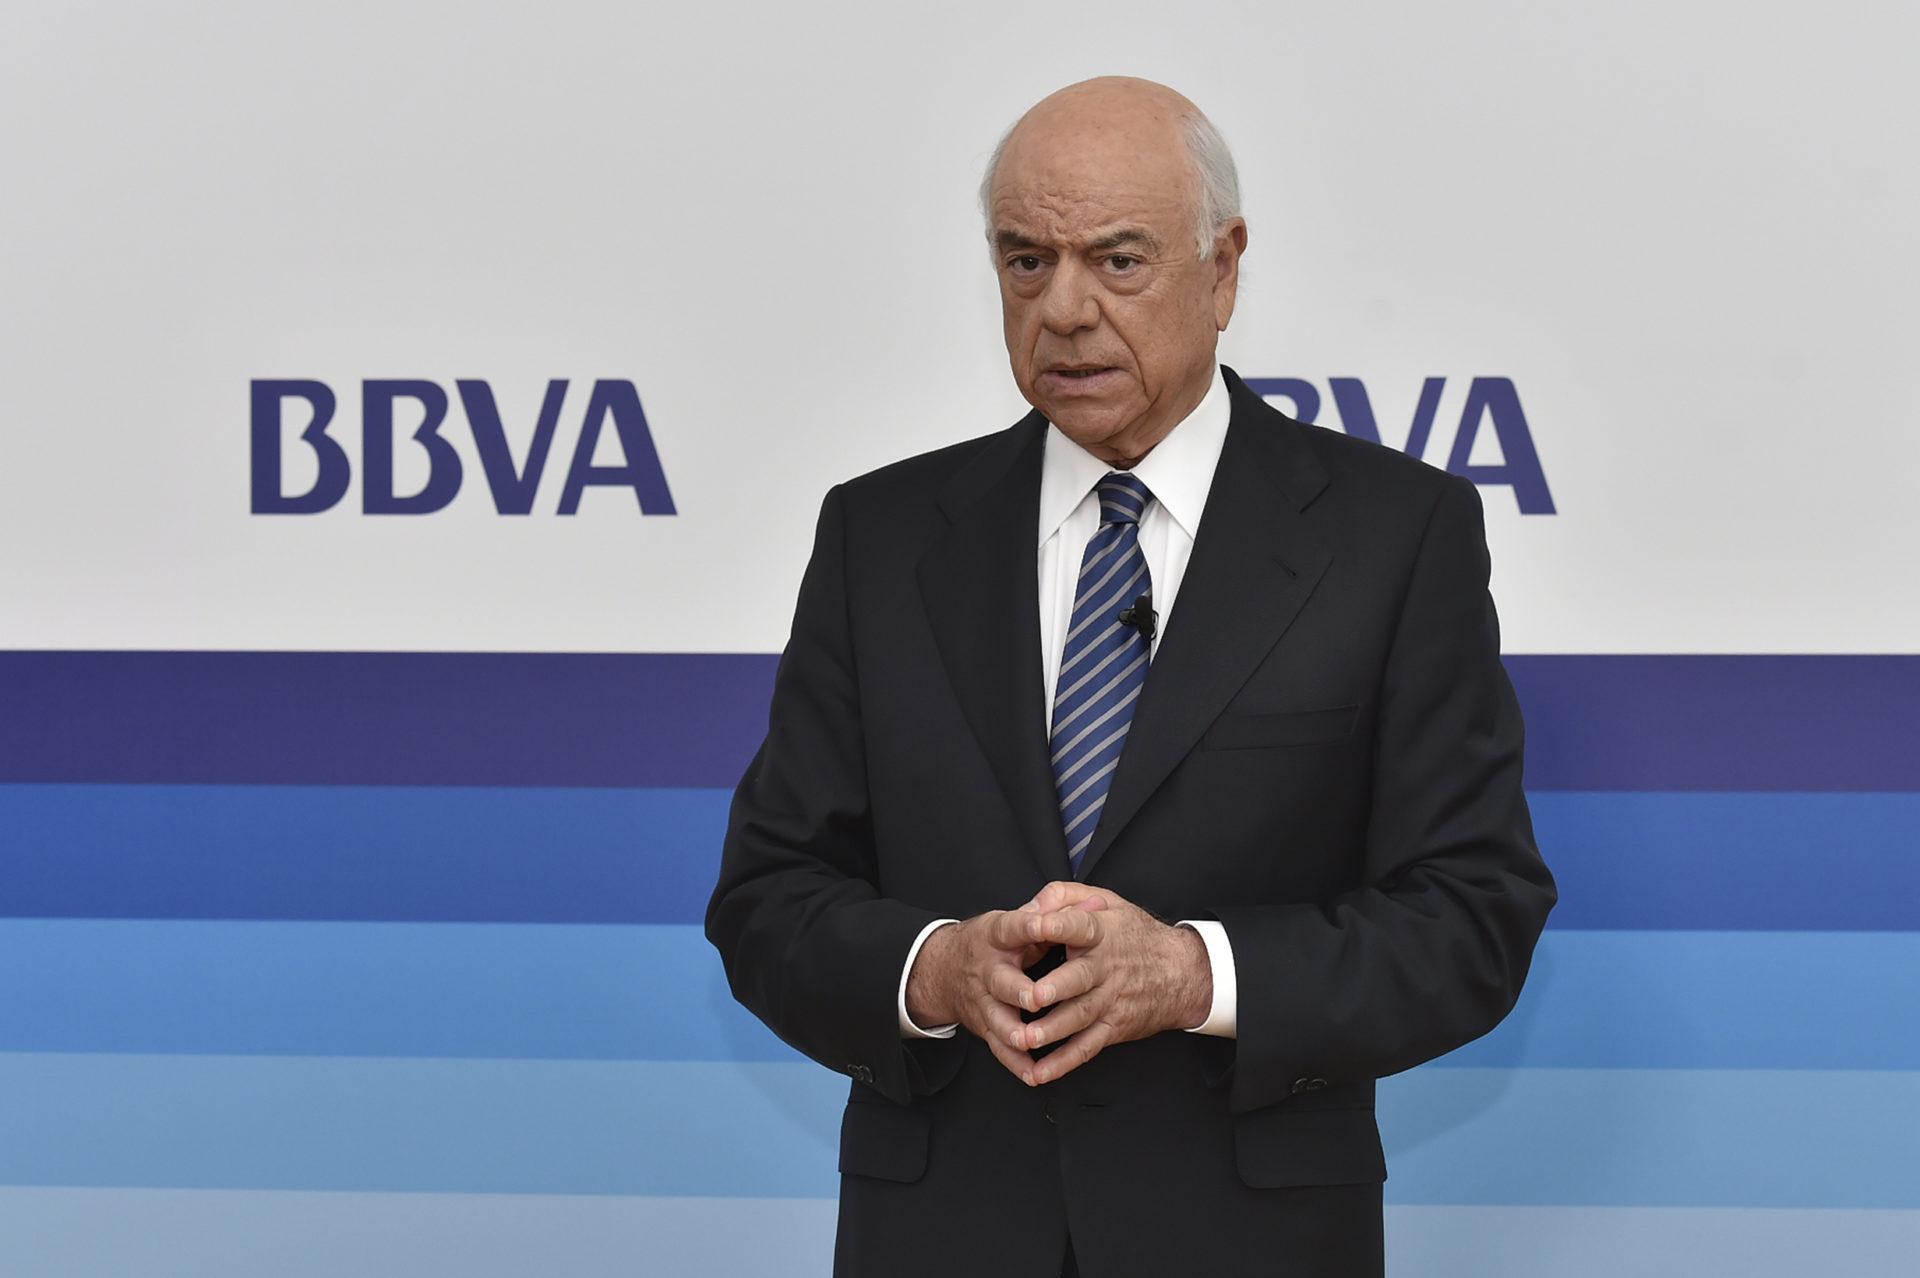 Francisco presidente Junta de accionistas